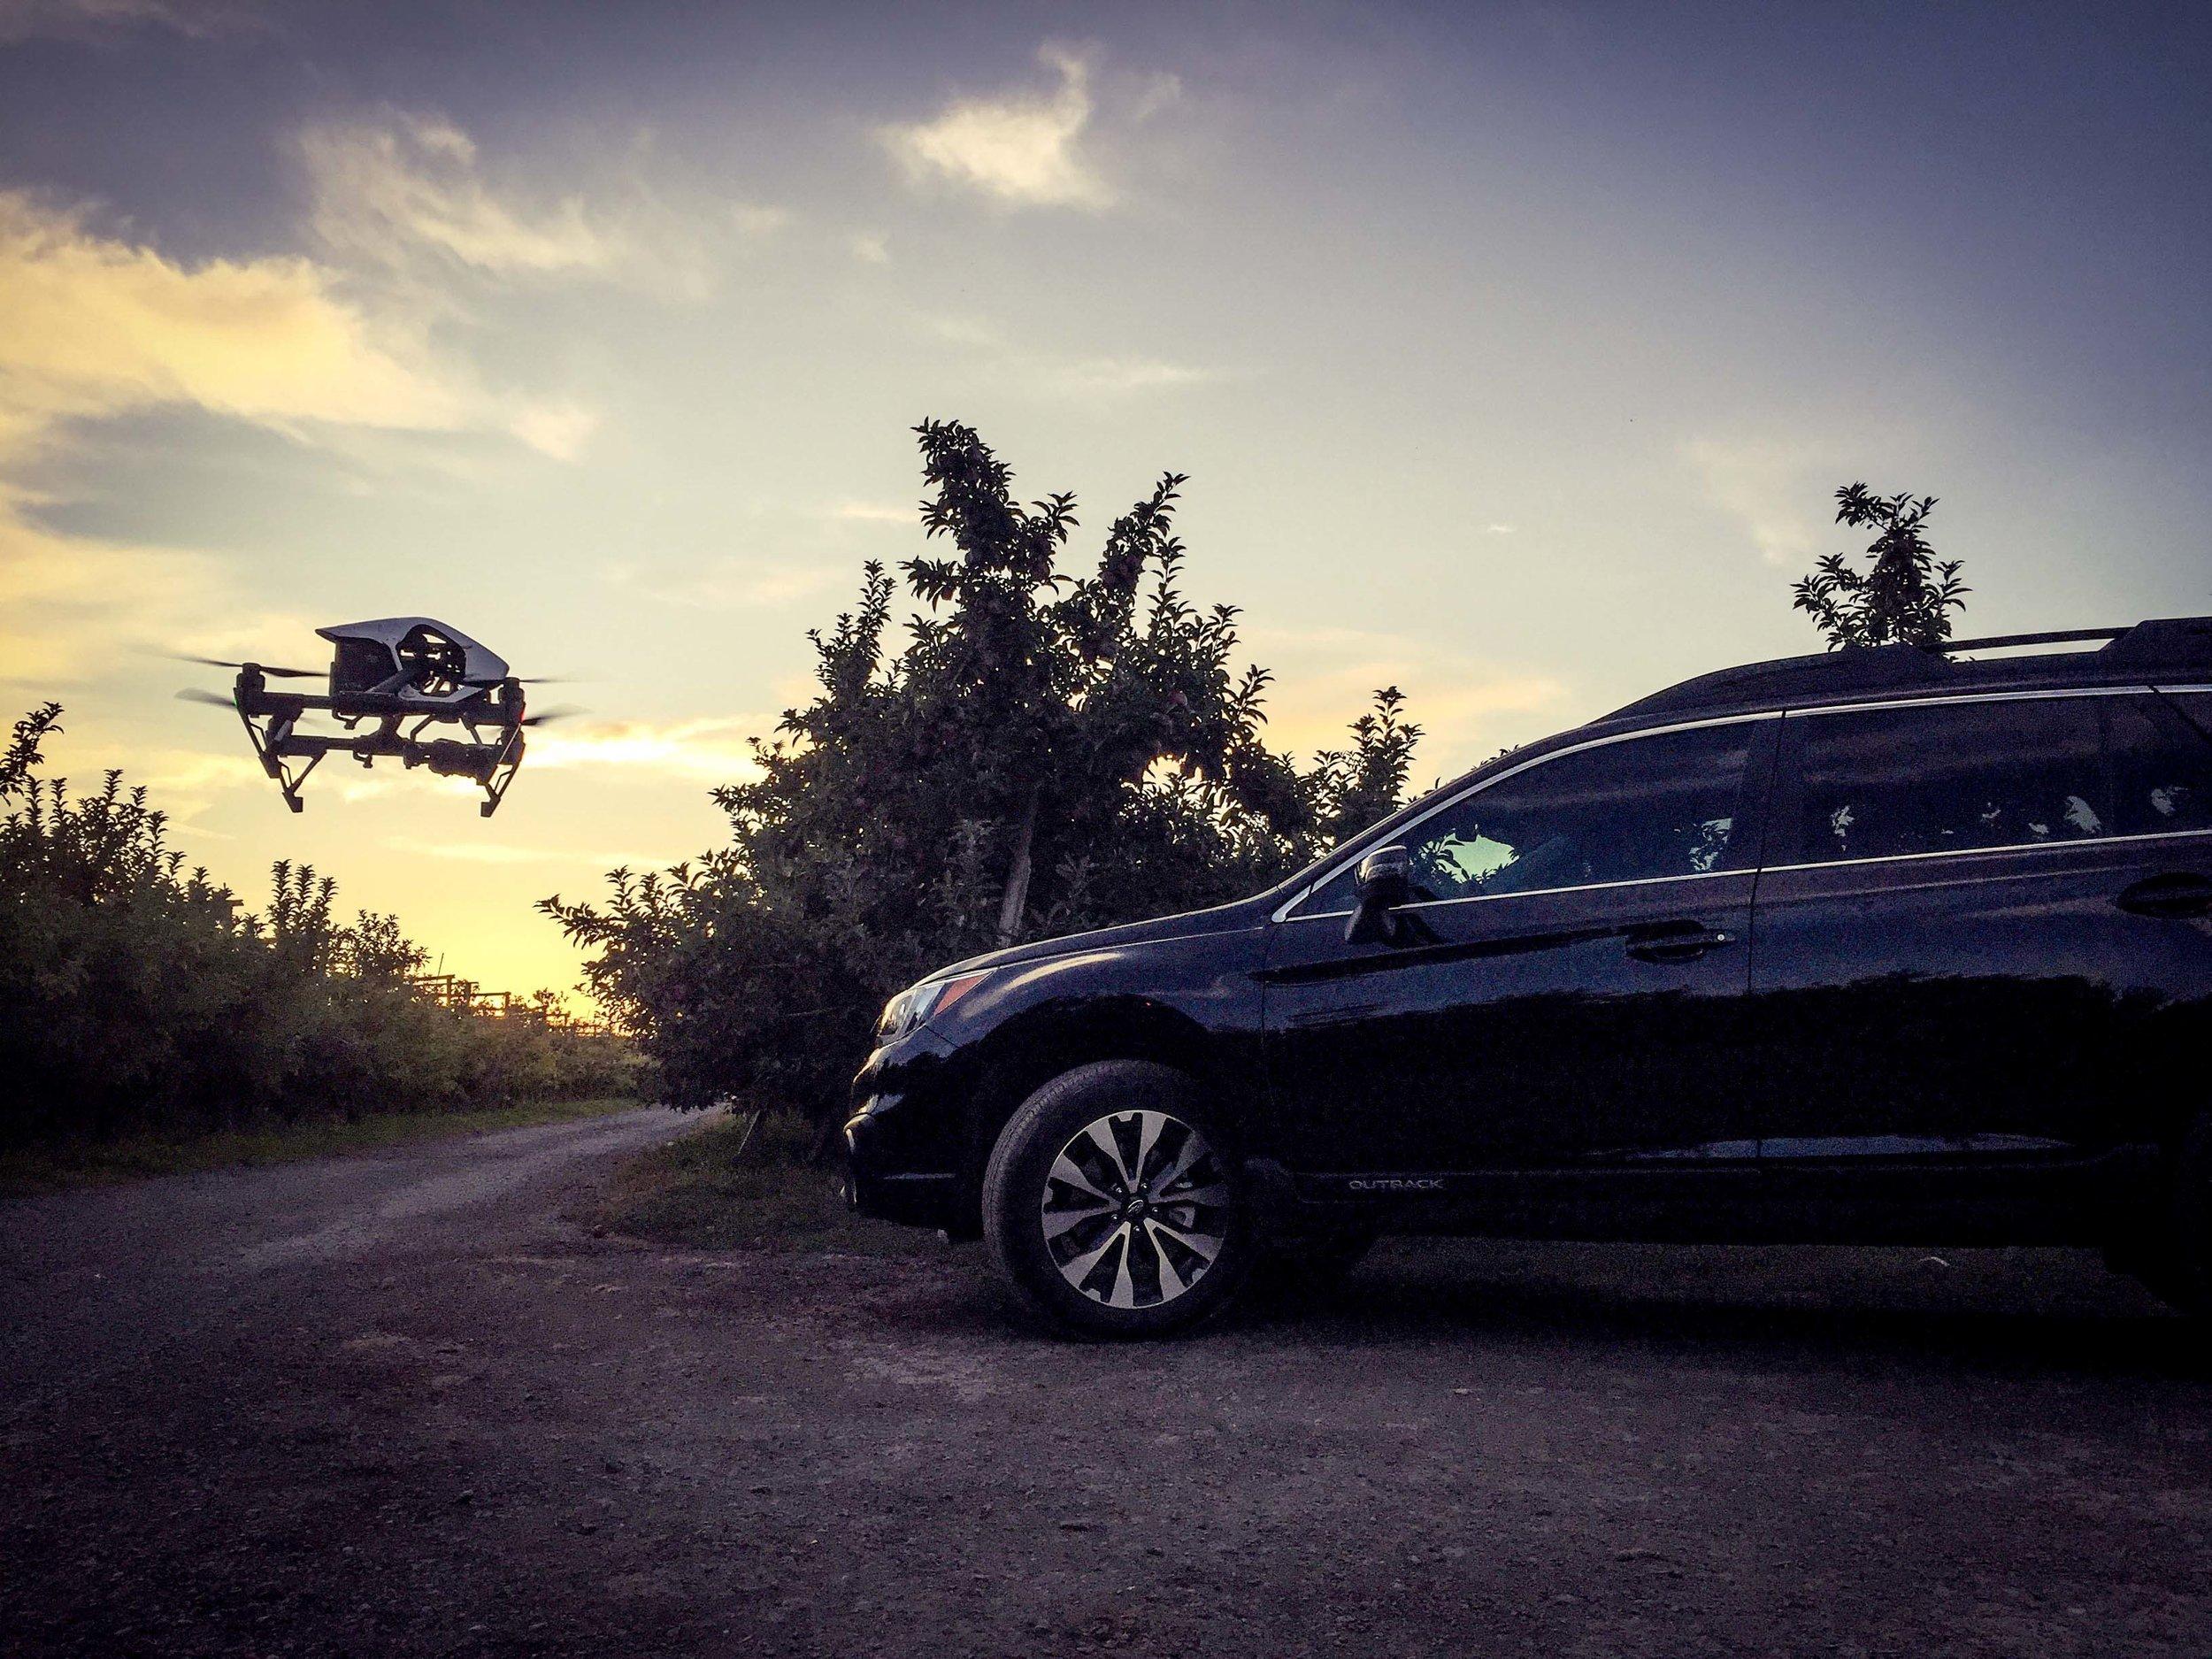 DJI Inspire by Cody's Car.jpg